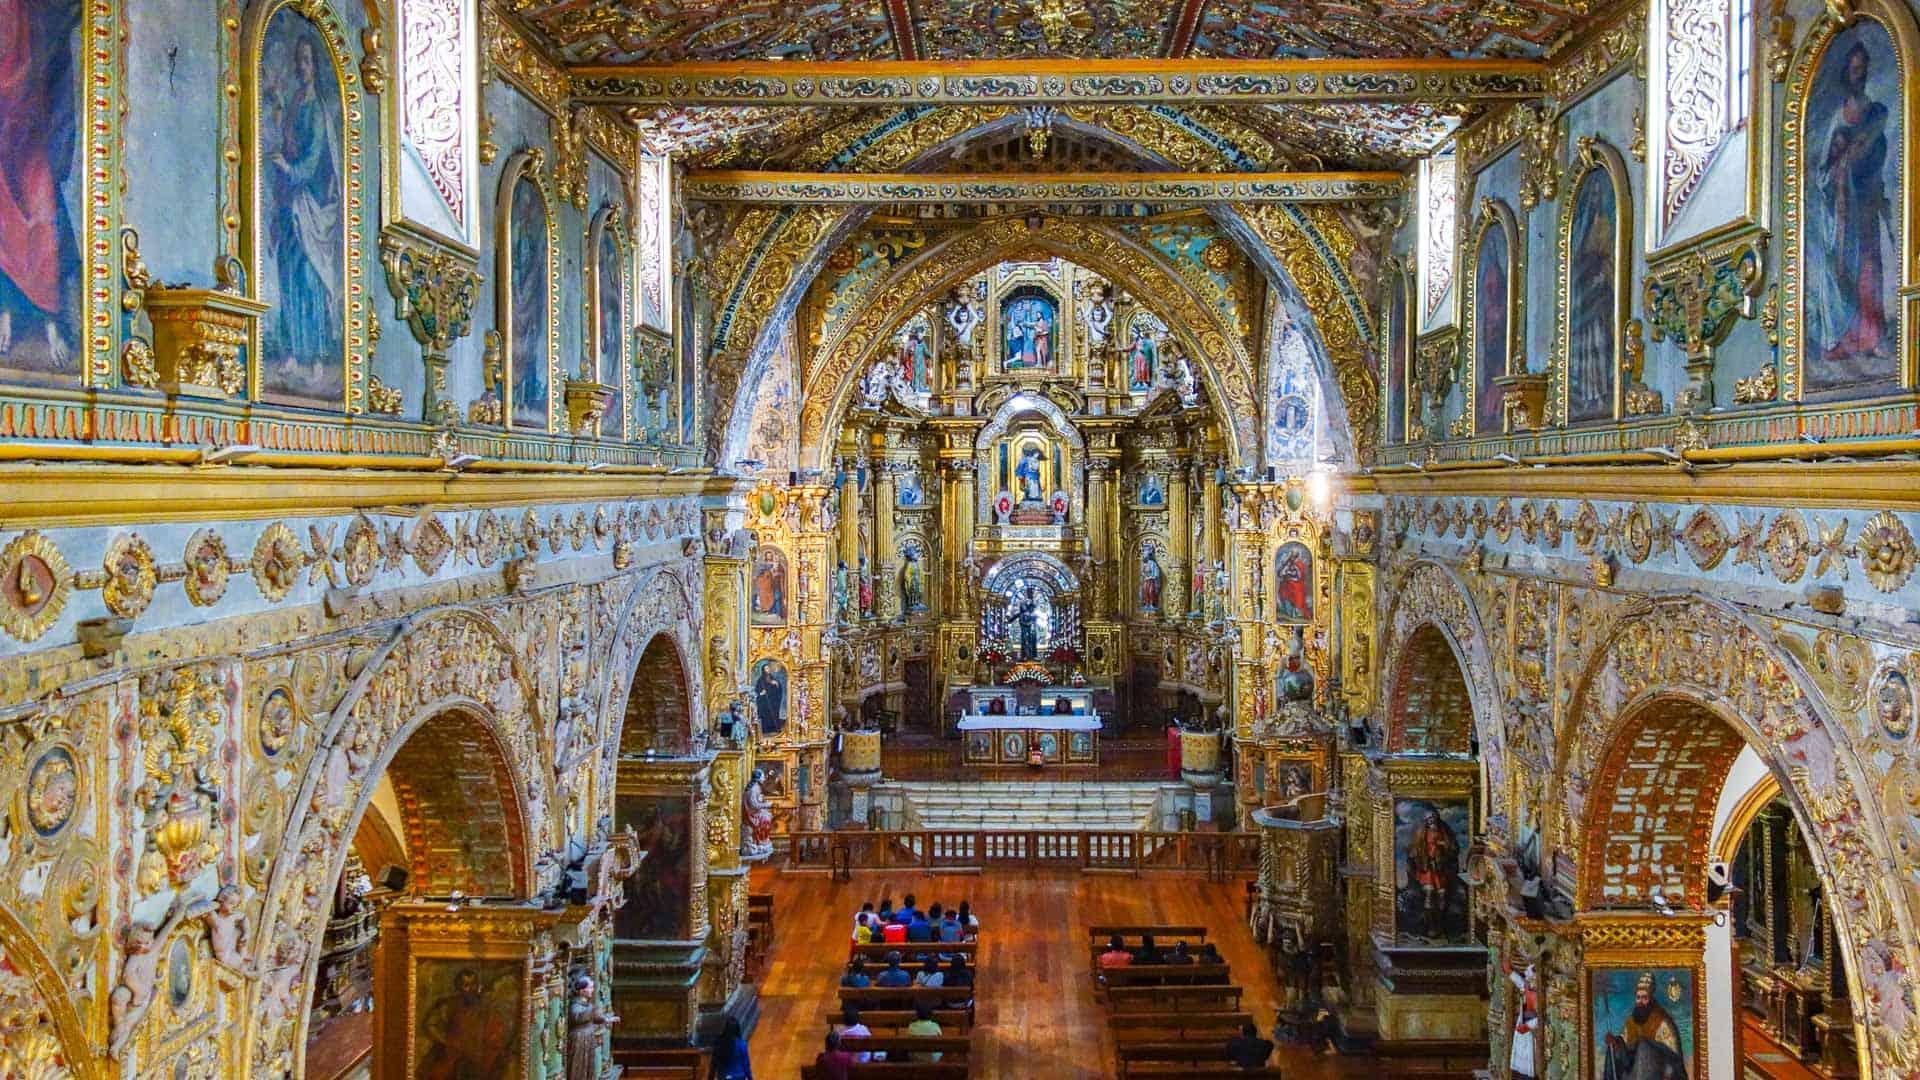 Interior of the Iglesia de San Francisco